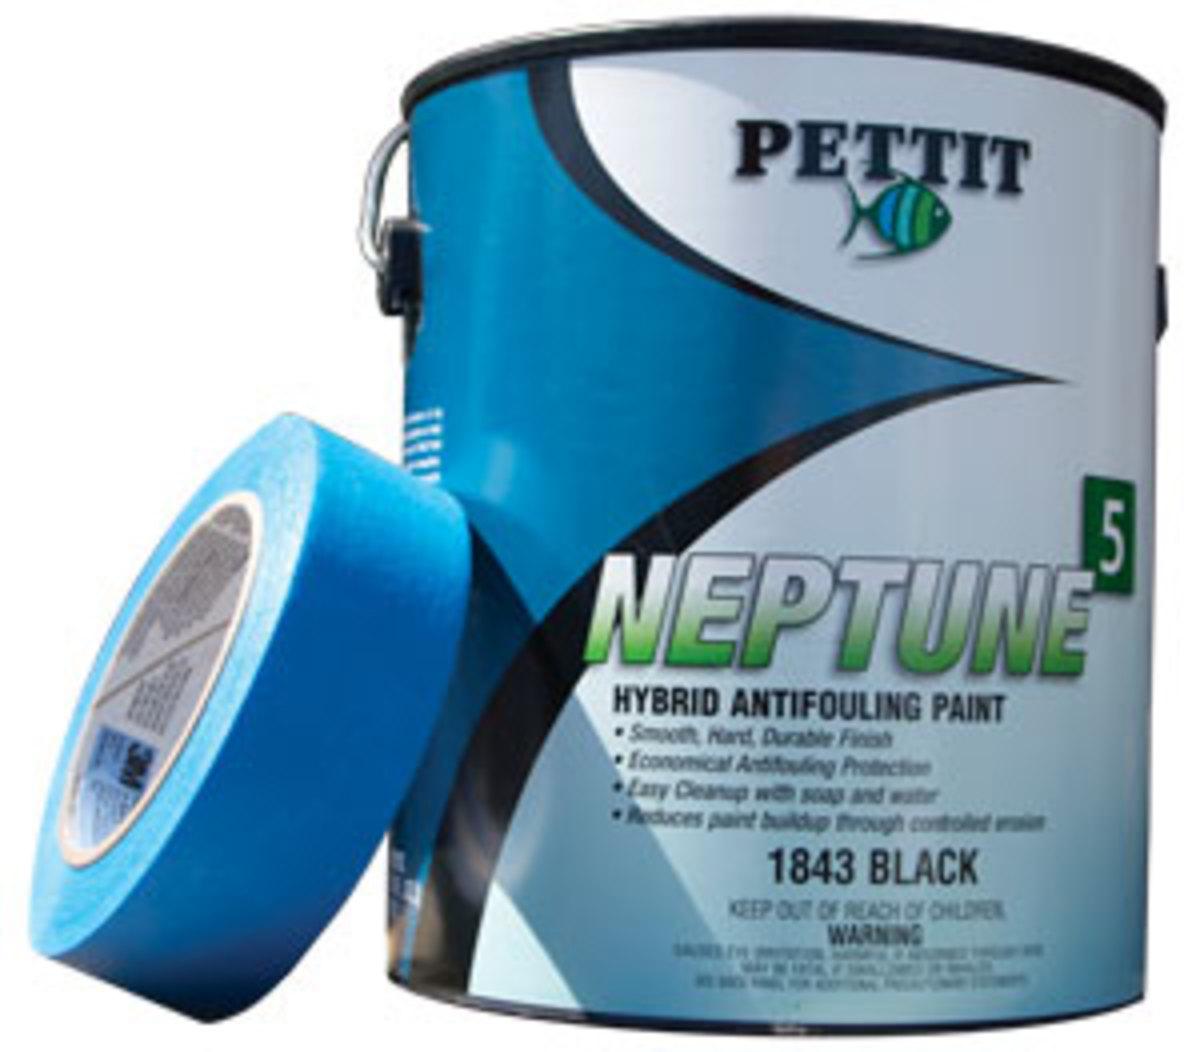 Neptune 5 Bottom Paint